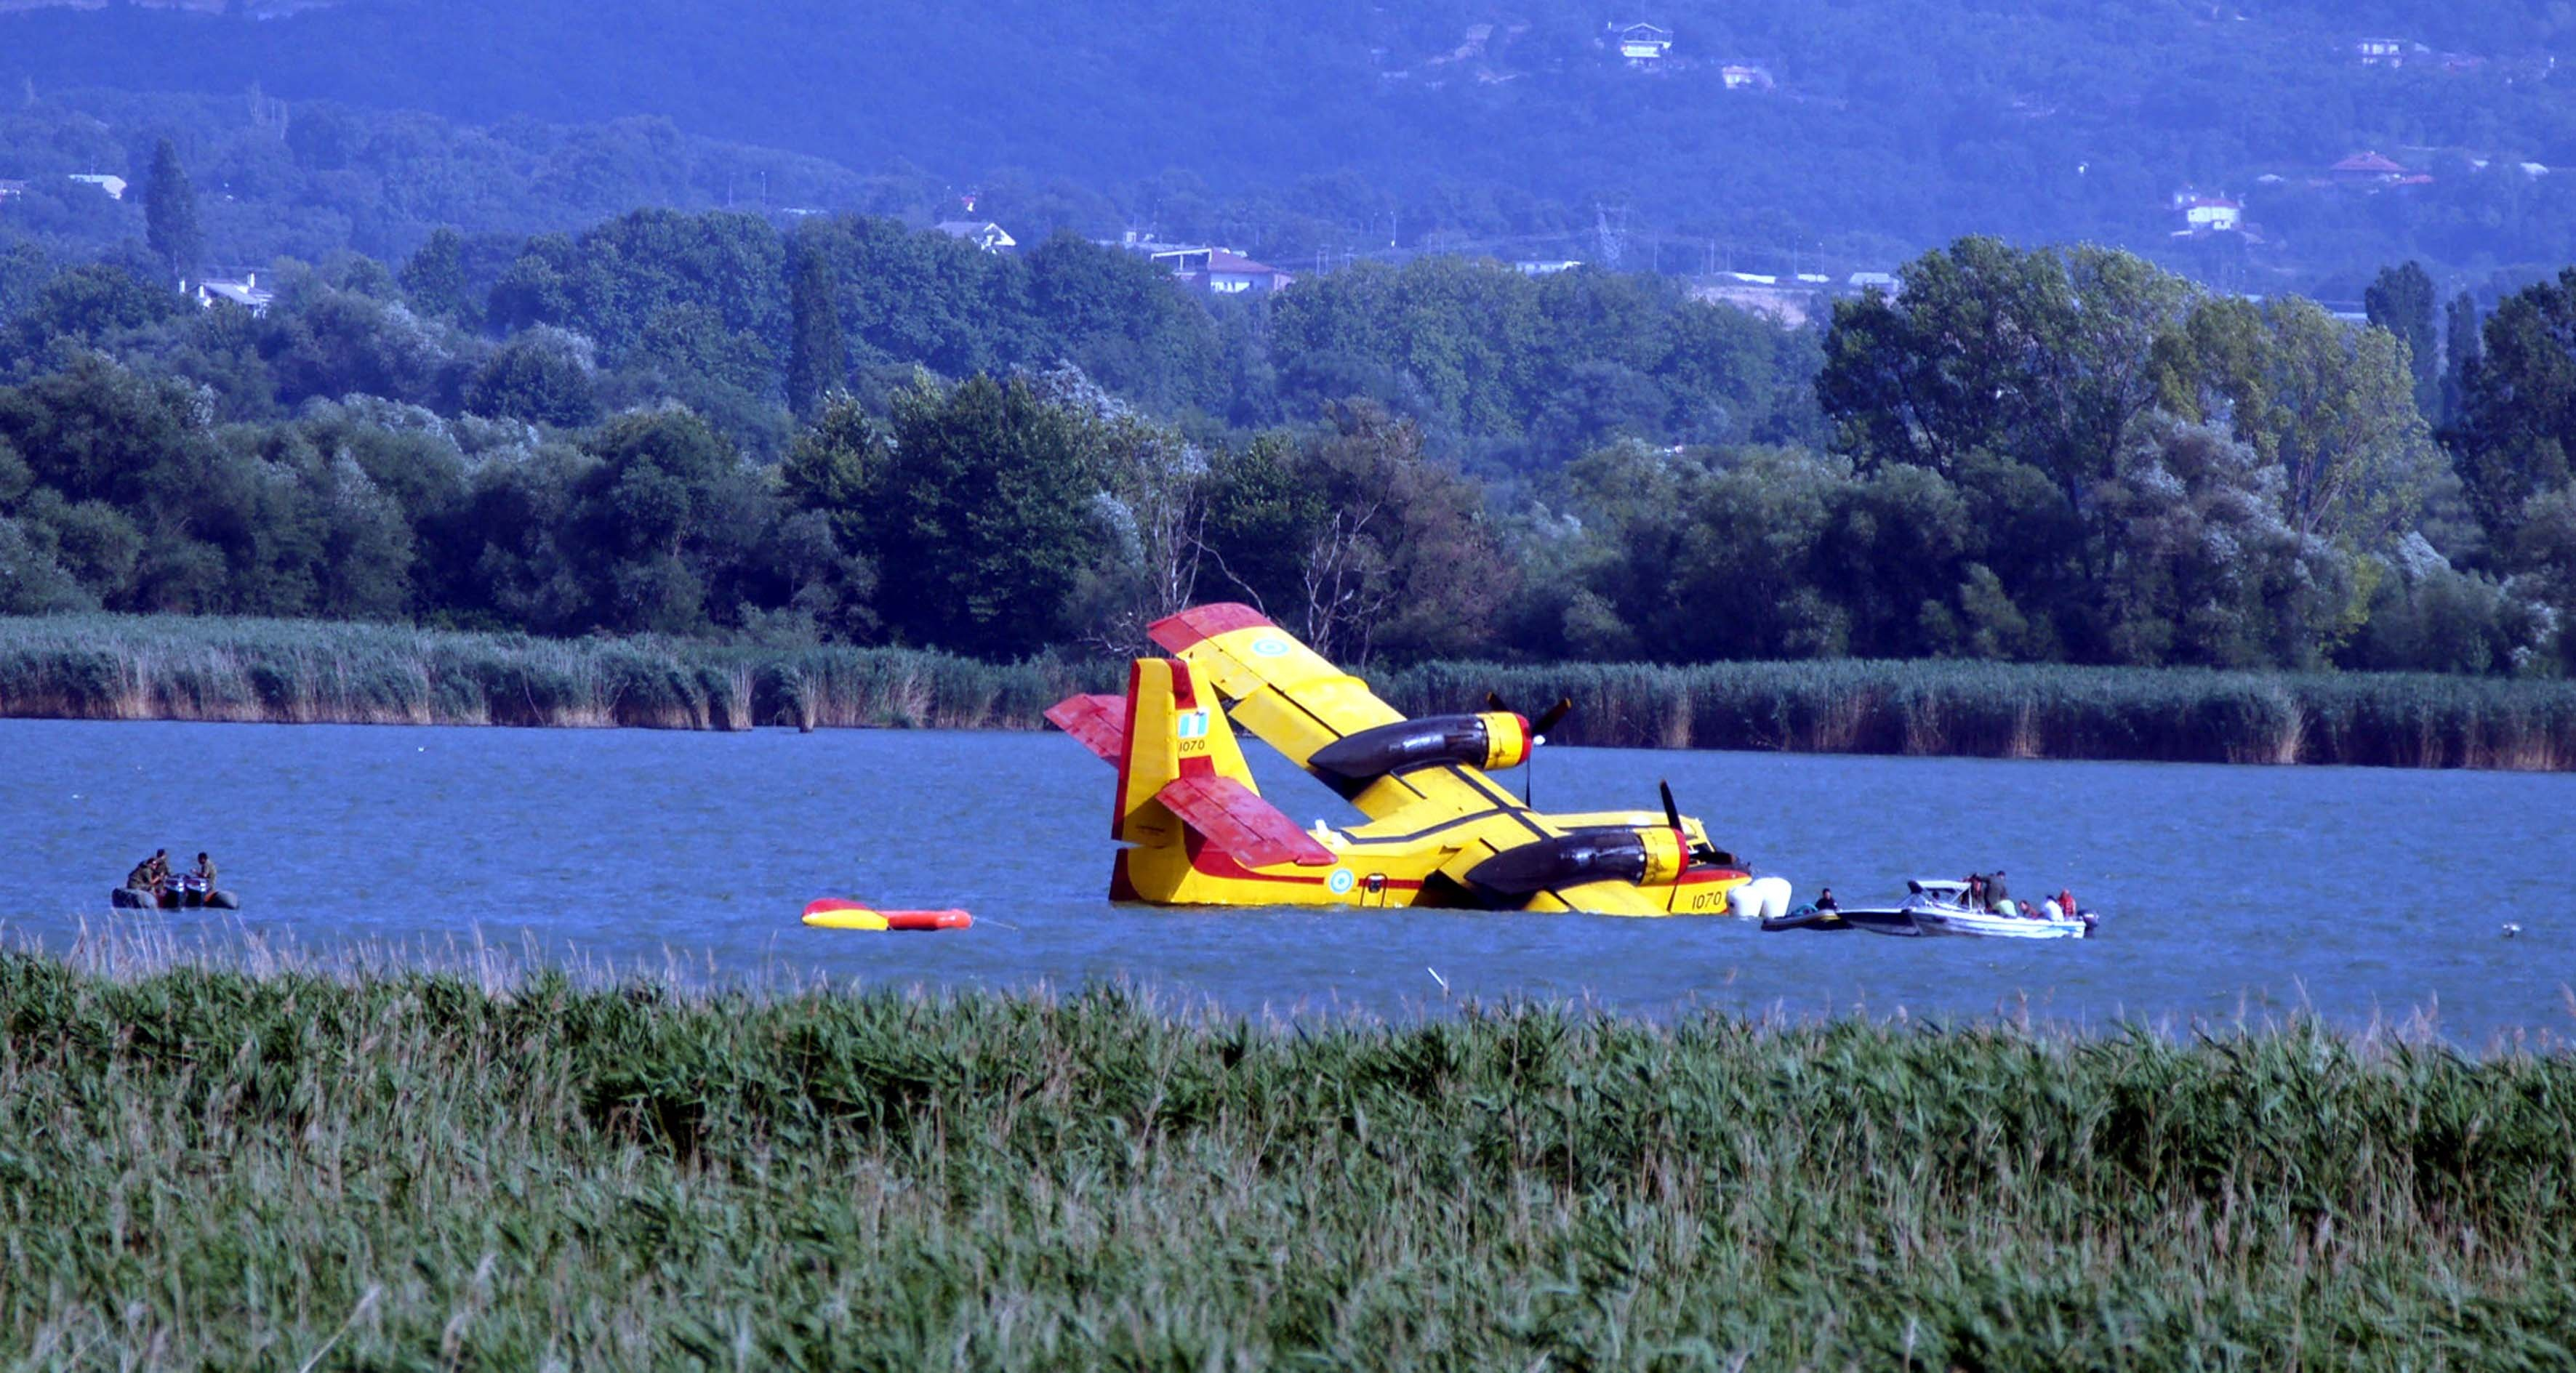 Το επίμαχο canadair στην λίμνη των Ιωαννίνων - ΦΩΤΟ EUROKINISSI